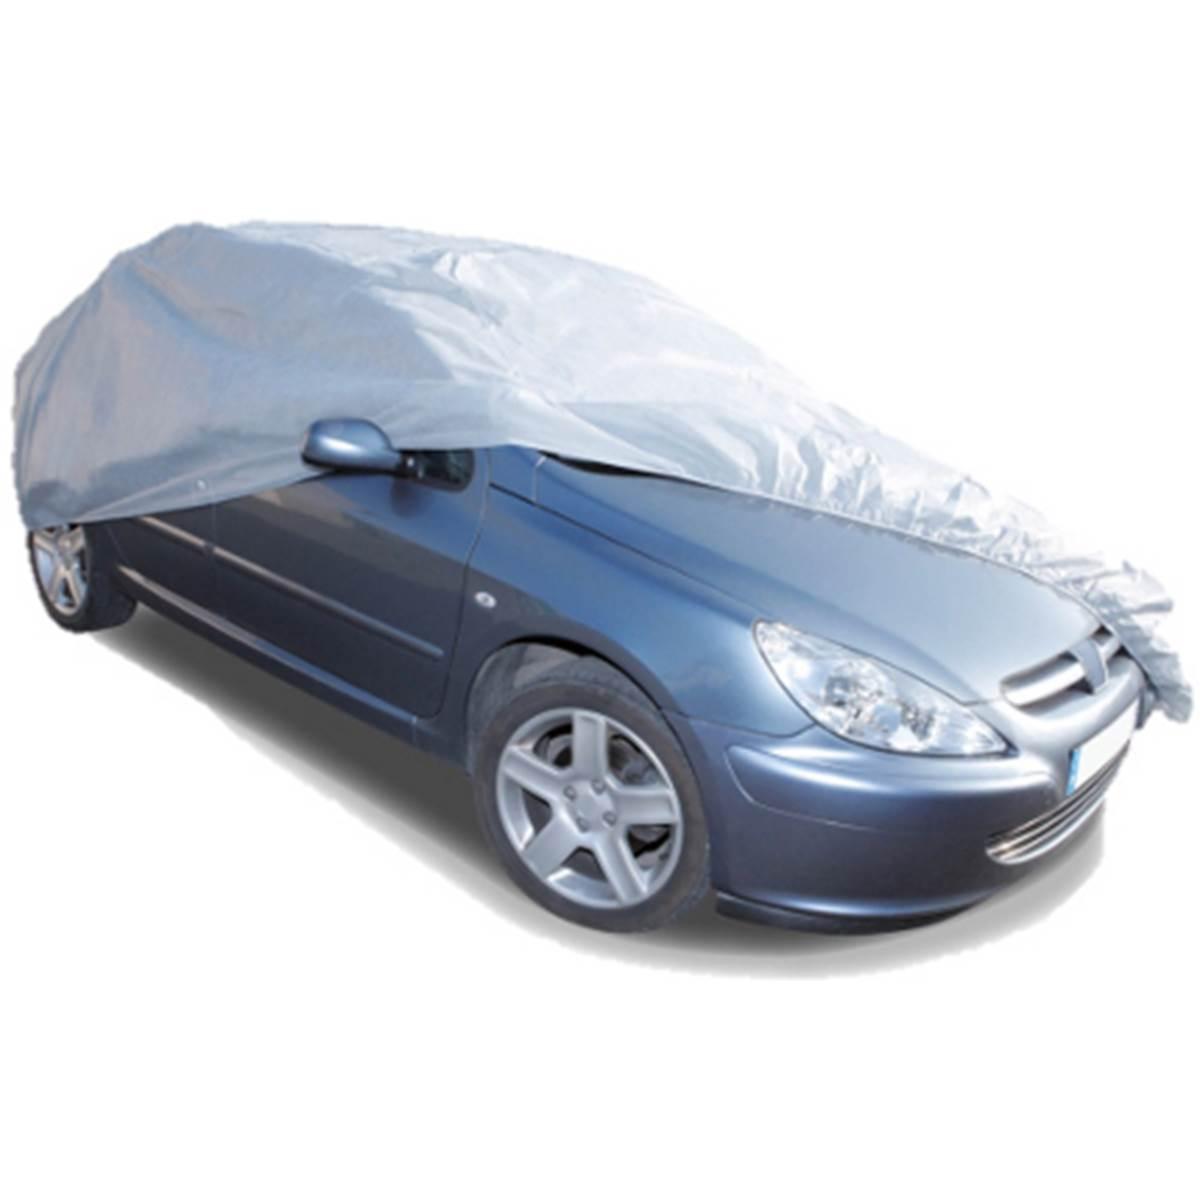 Housse de protection carrosserie Taille M